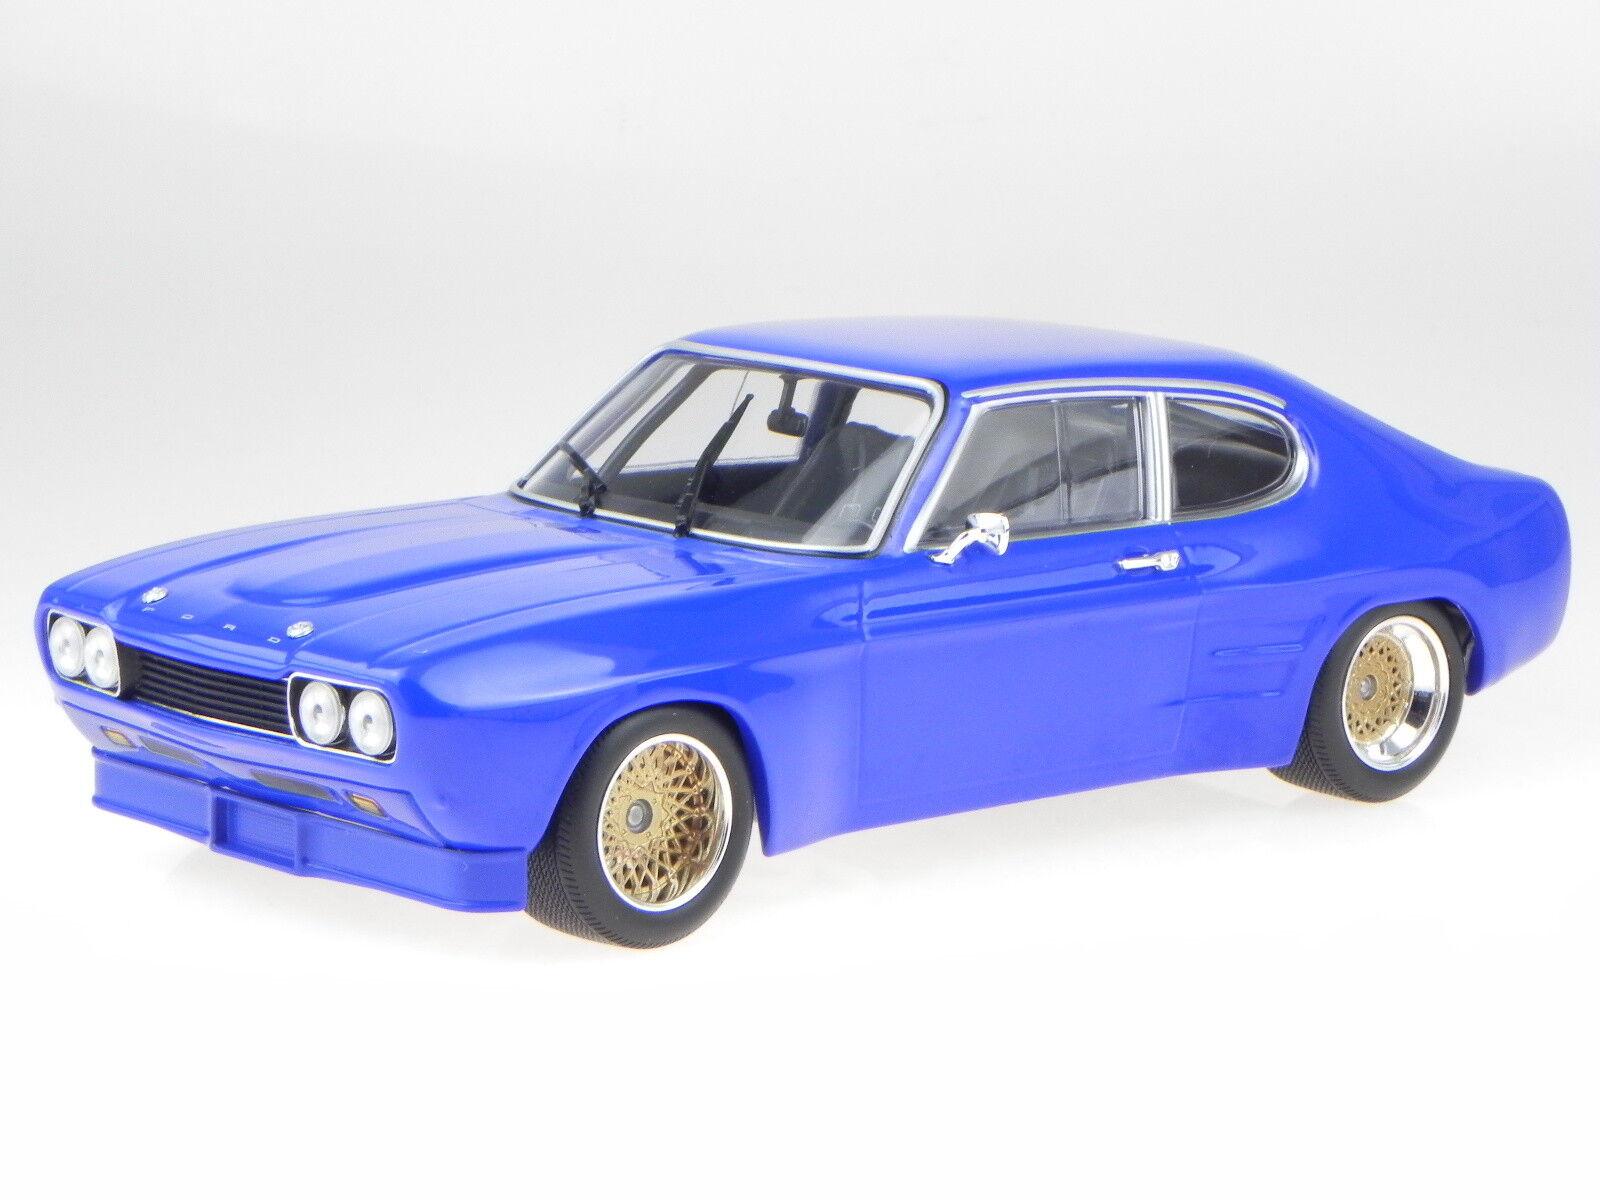 Ford Capri RS 2600 1970 blau Modellauto 155708501 Minichamps 1 18  | Sonderkauf